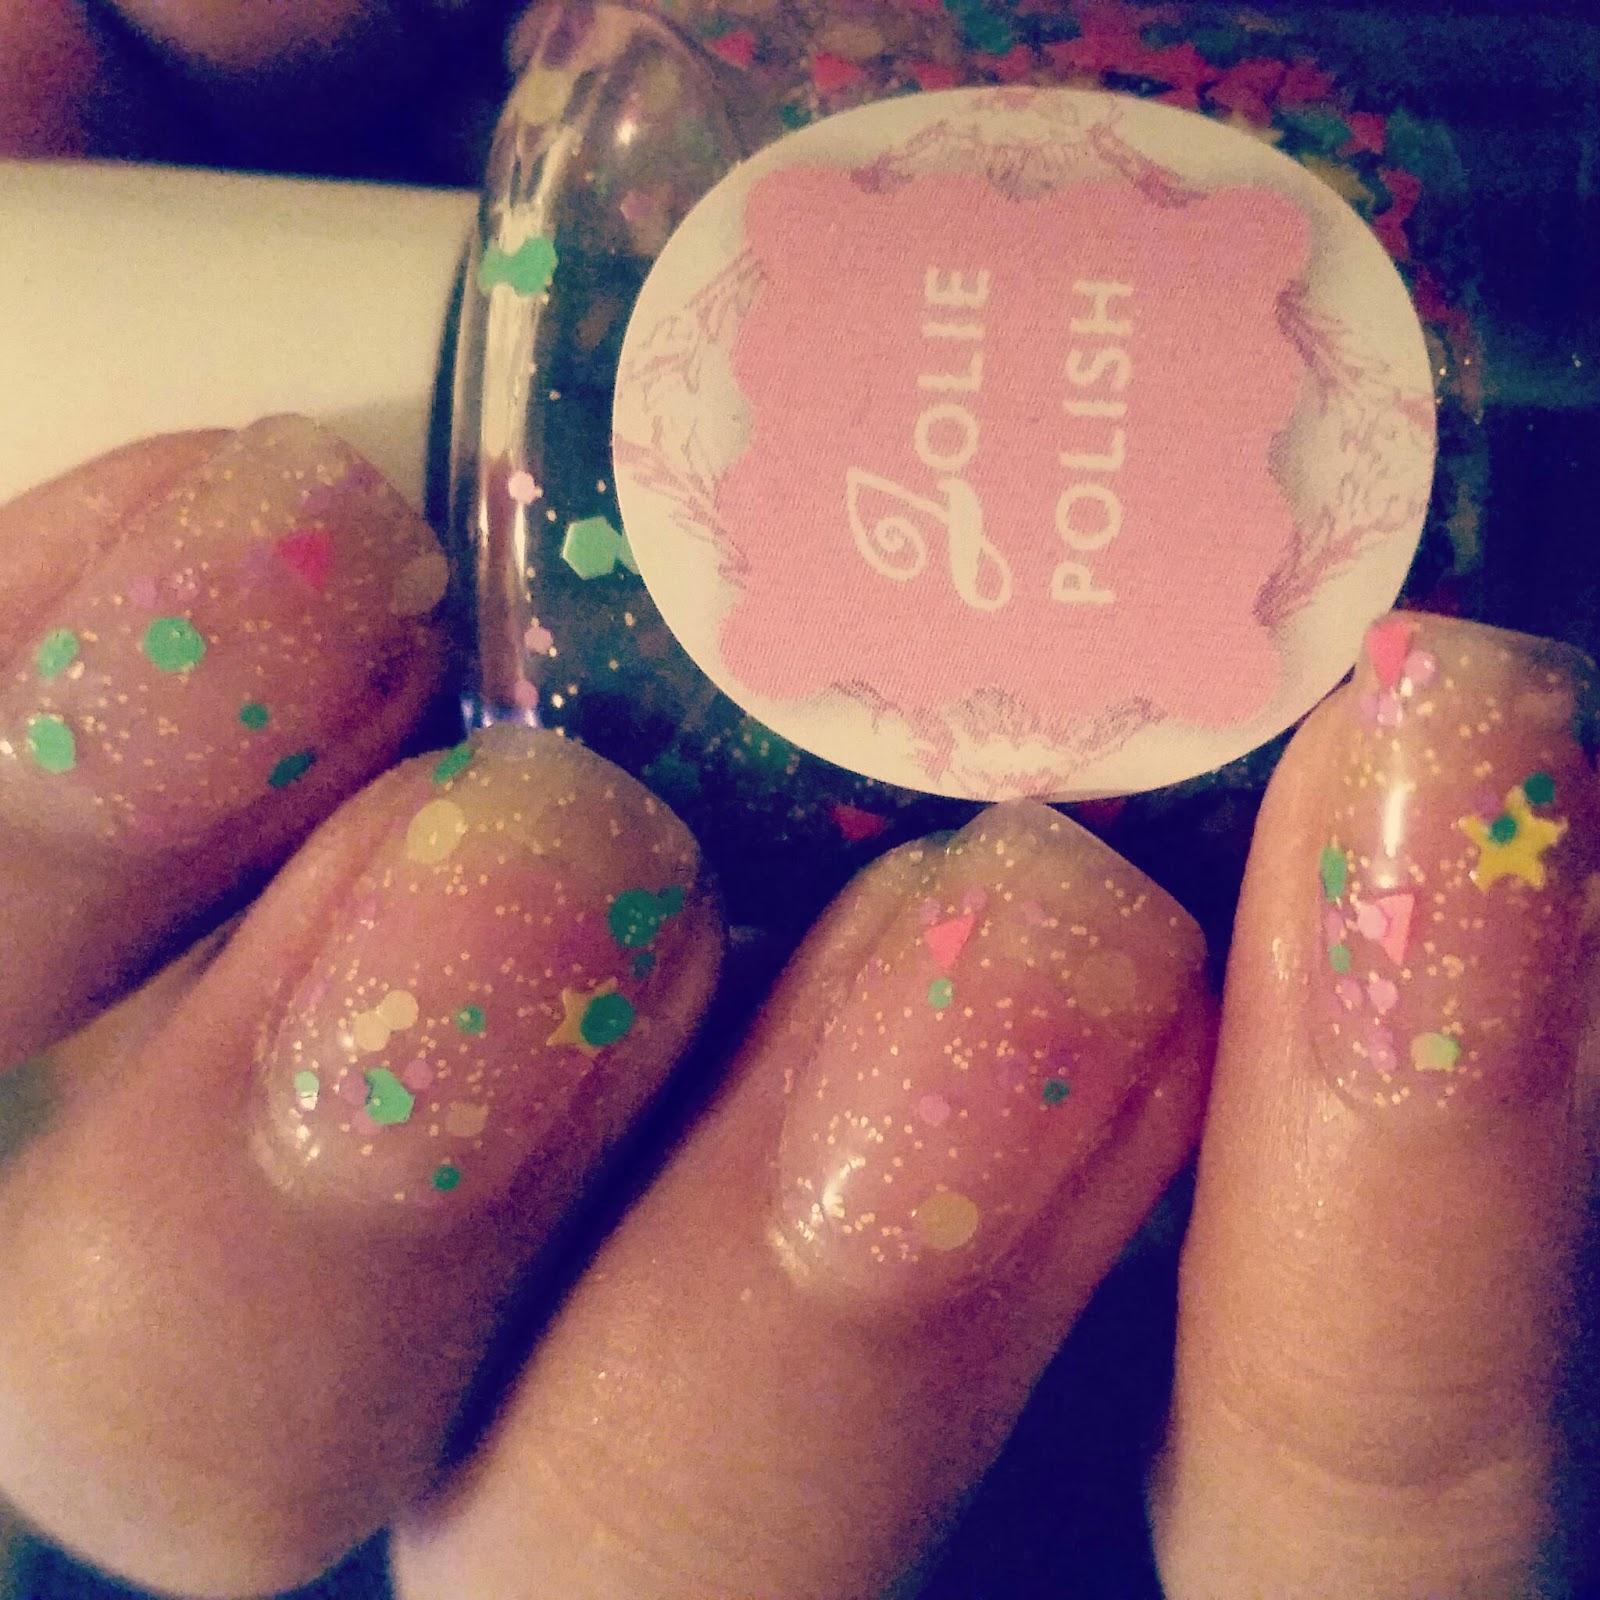 Sassy nail designs: Jolie Polish